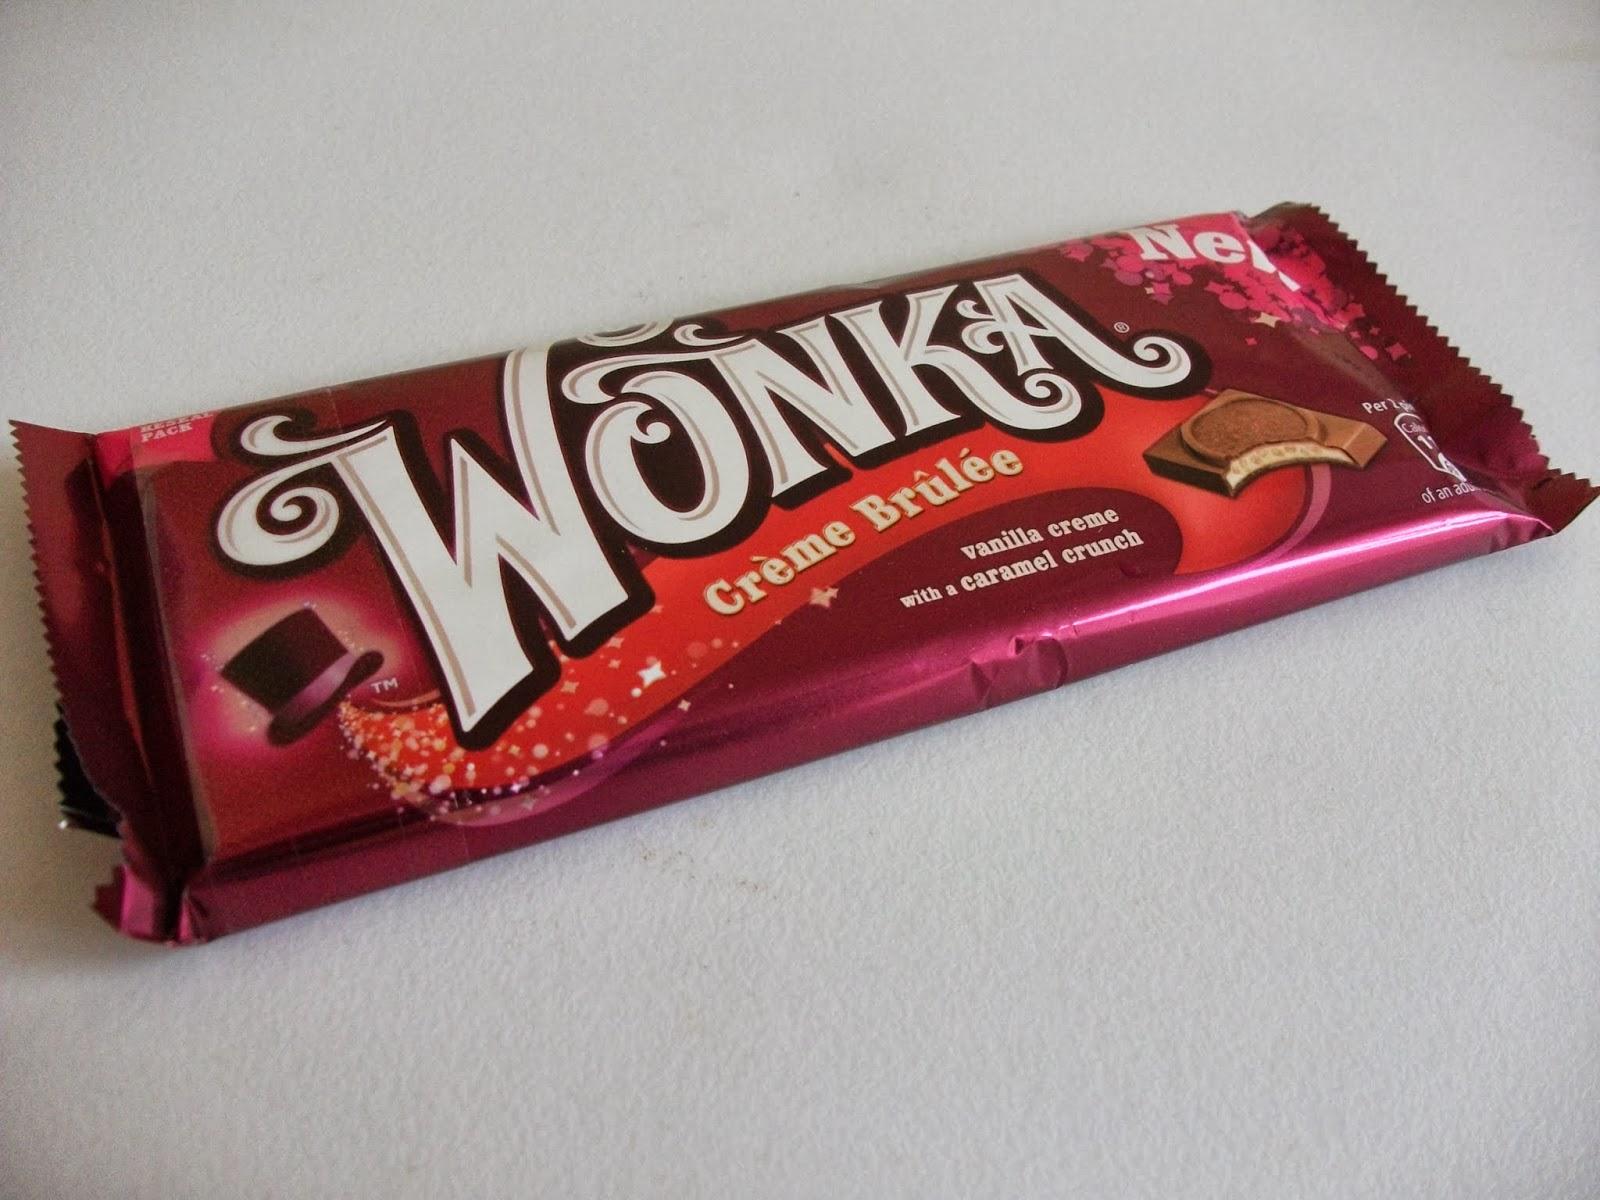 Nestlé Wonka Crème Brûlée Bar Review